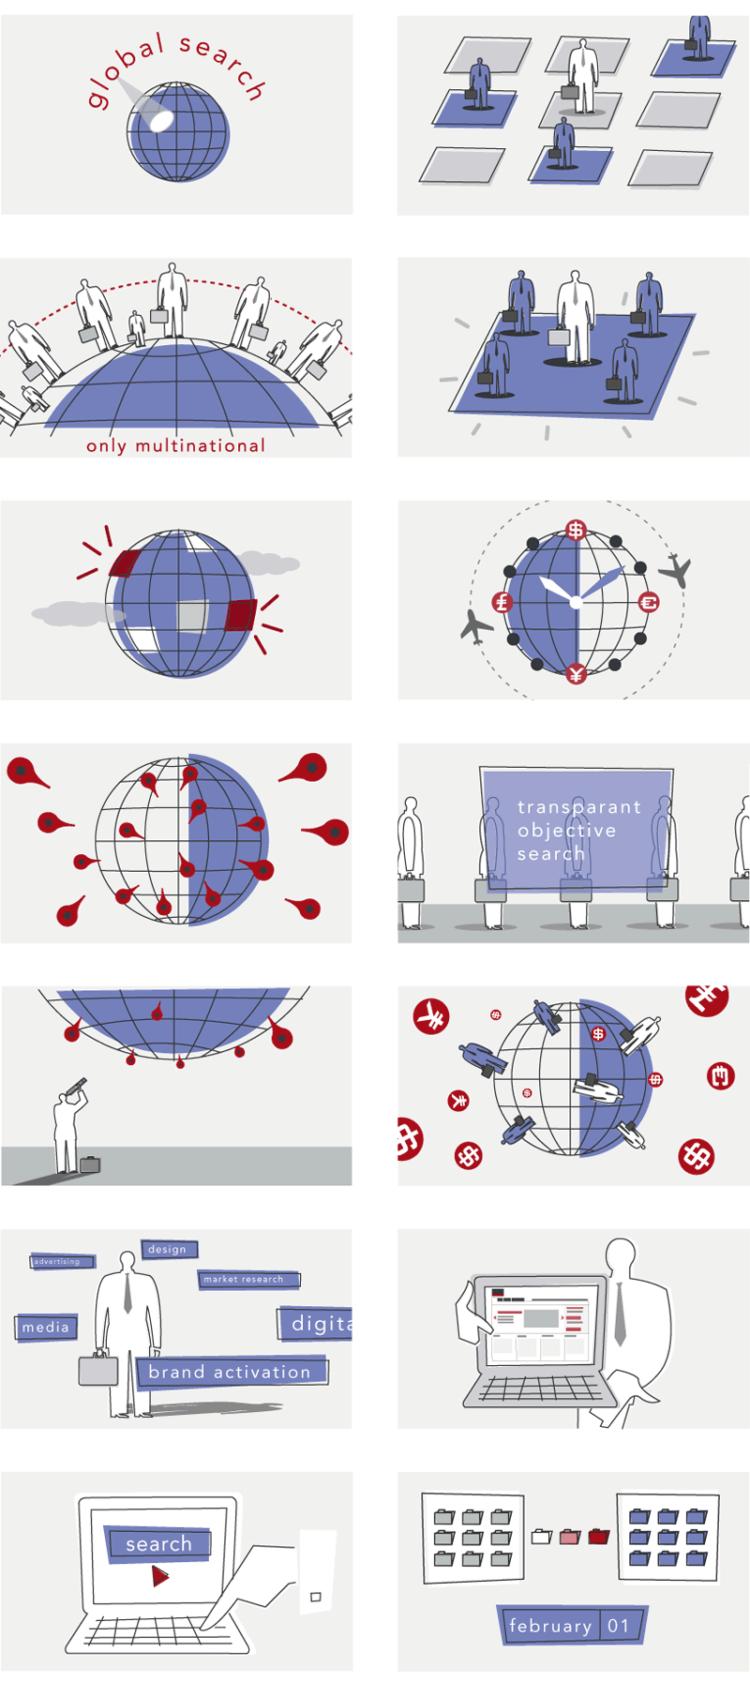 Illustraties, keyframes en ontwerp voor een infographic animatie. Wereldwijde ondernemingen, multinationals, internationale zoekopdracht, de globe als klok, zakenman met laptop, internationaal data verzamelen